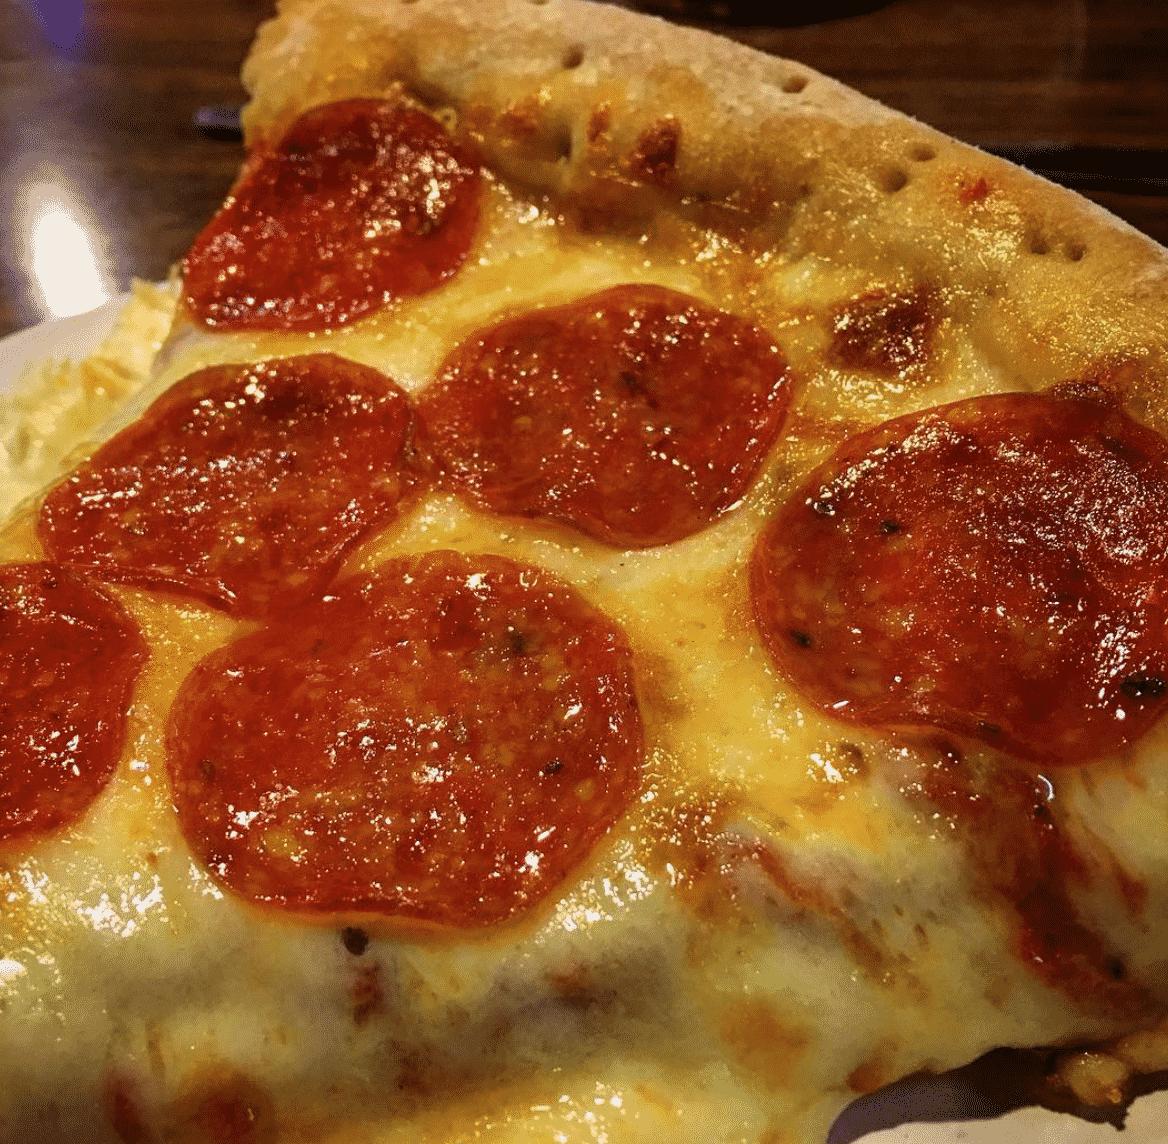 Pagliai's Pizza in Illinois